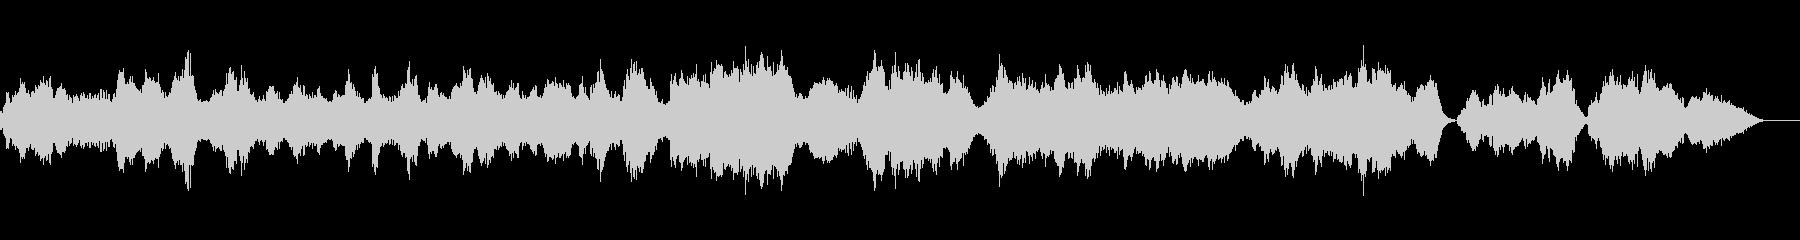 RV356_2『ラルゴ』ヴィヴァルディの未再生の波形